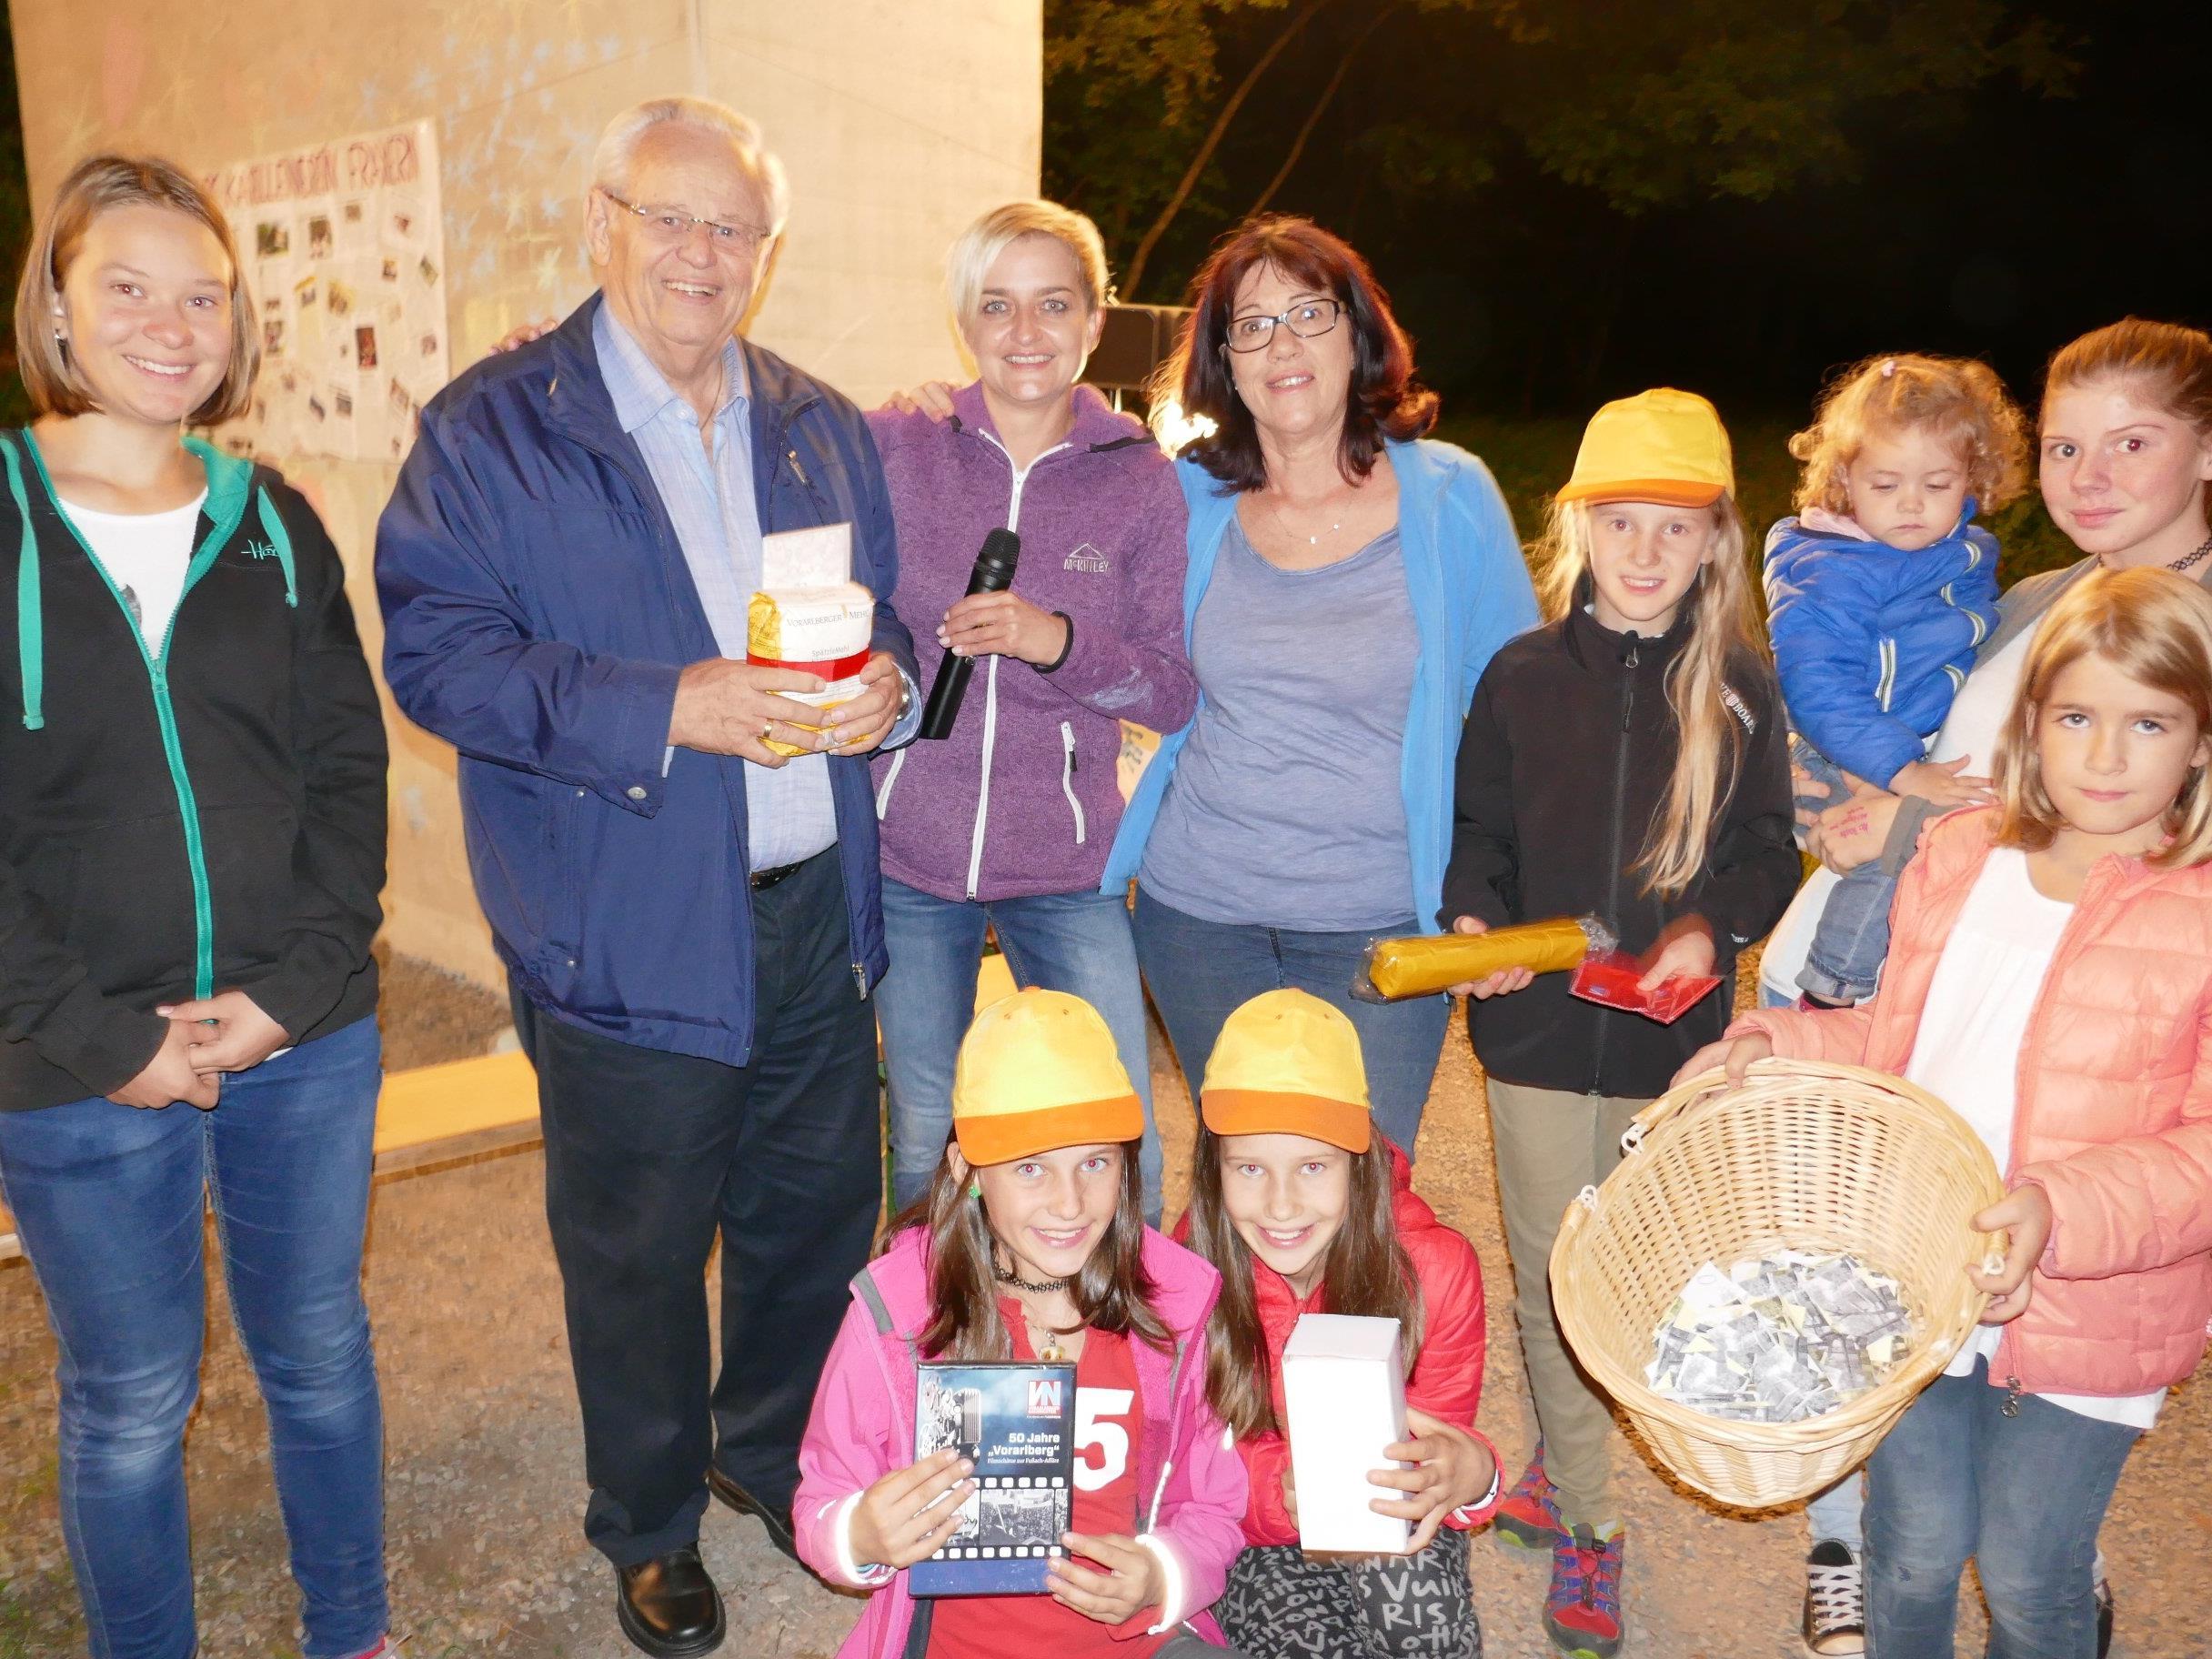 Otto Fend gewann den Hauptpreis bei der Tombola zum 10-Jahr-Jubiläum des Kapellenvereins Fraxern.